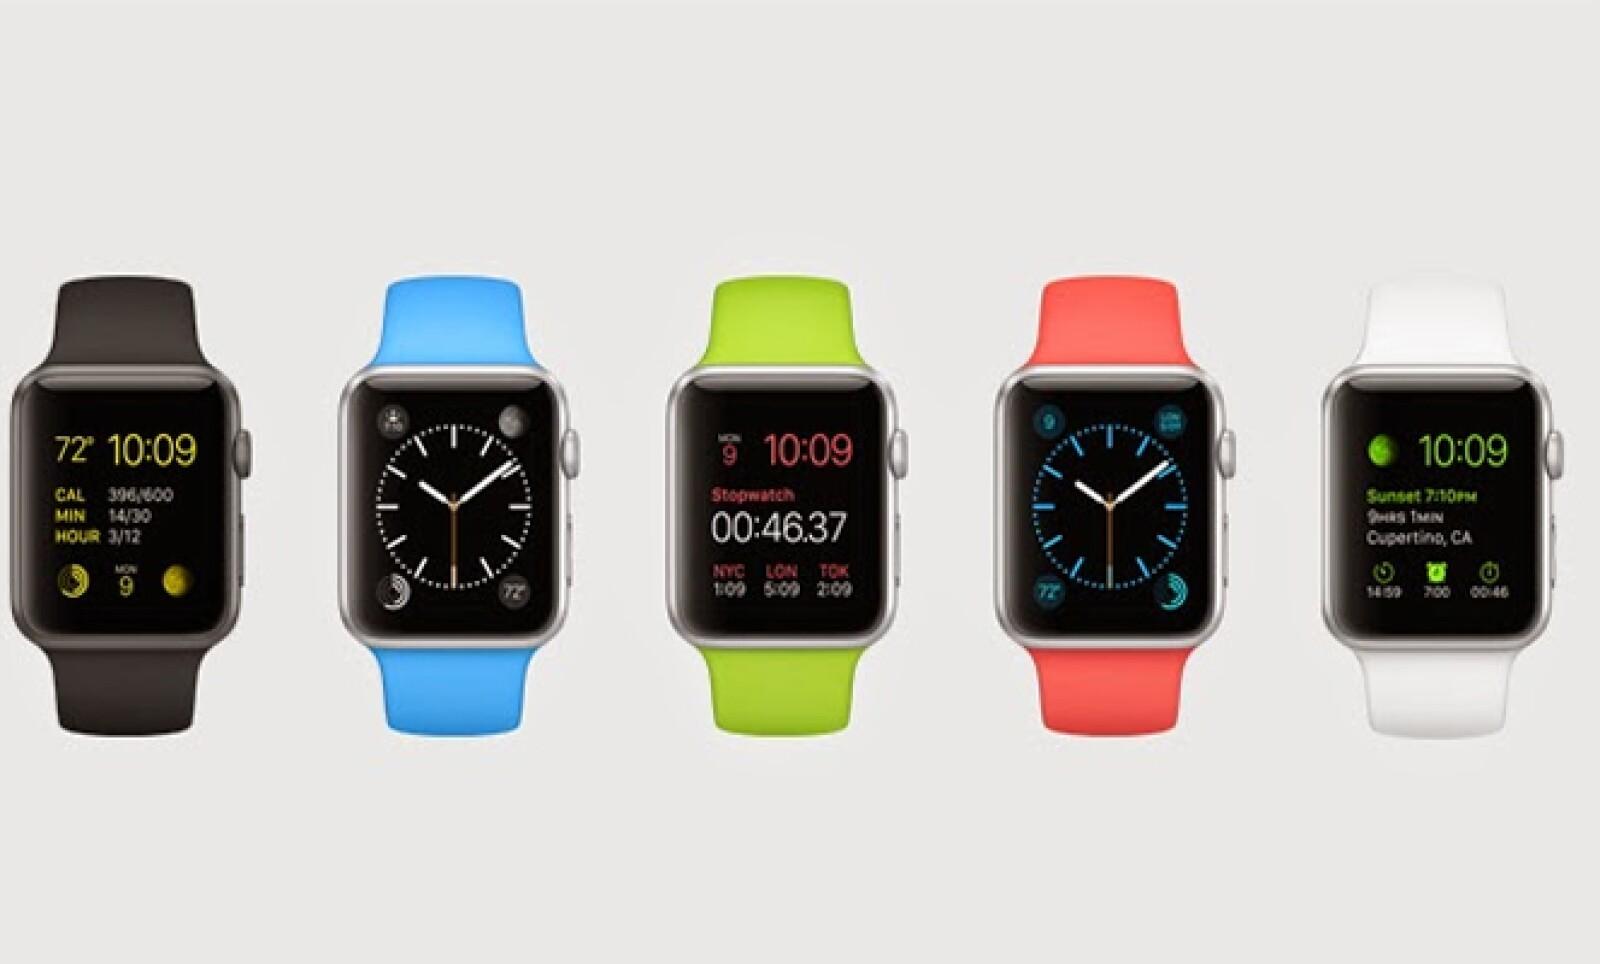 El reloj de 38 milímetros costará 349 dólares, mientras que el de 42 milímetros costará 399 dólares.